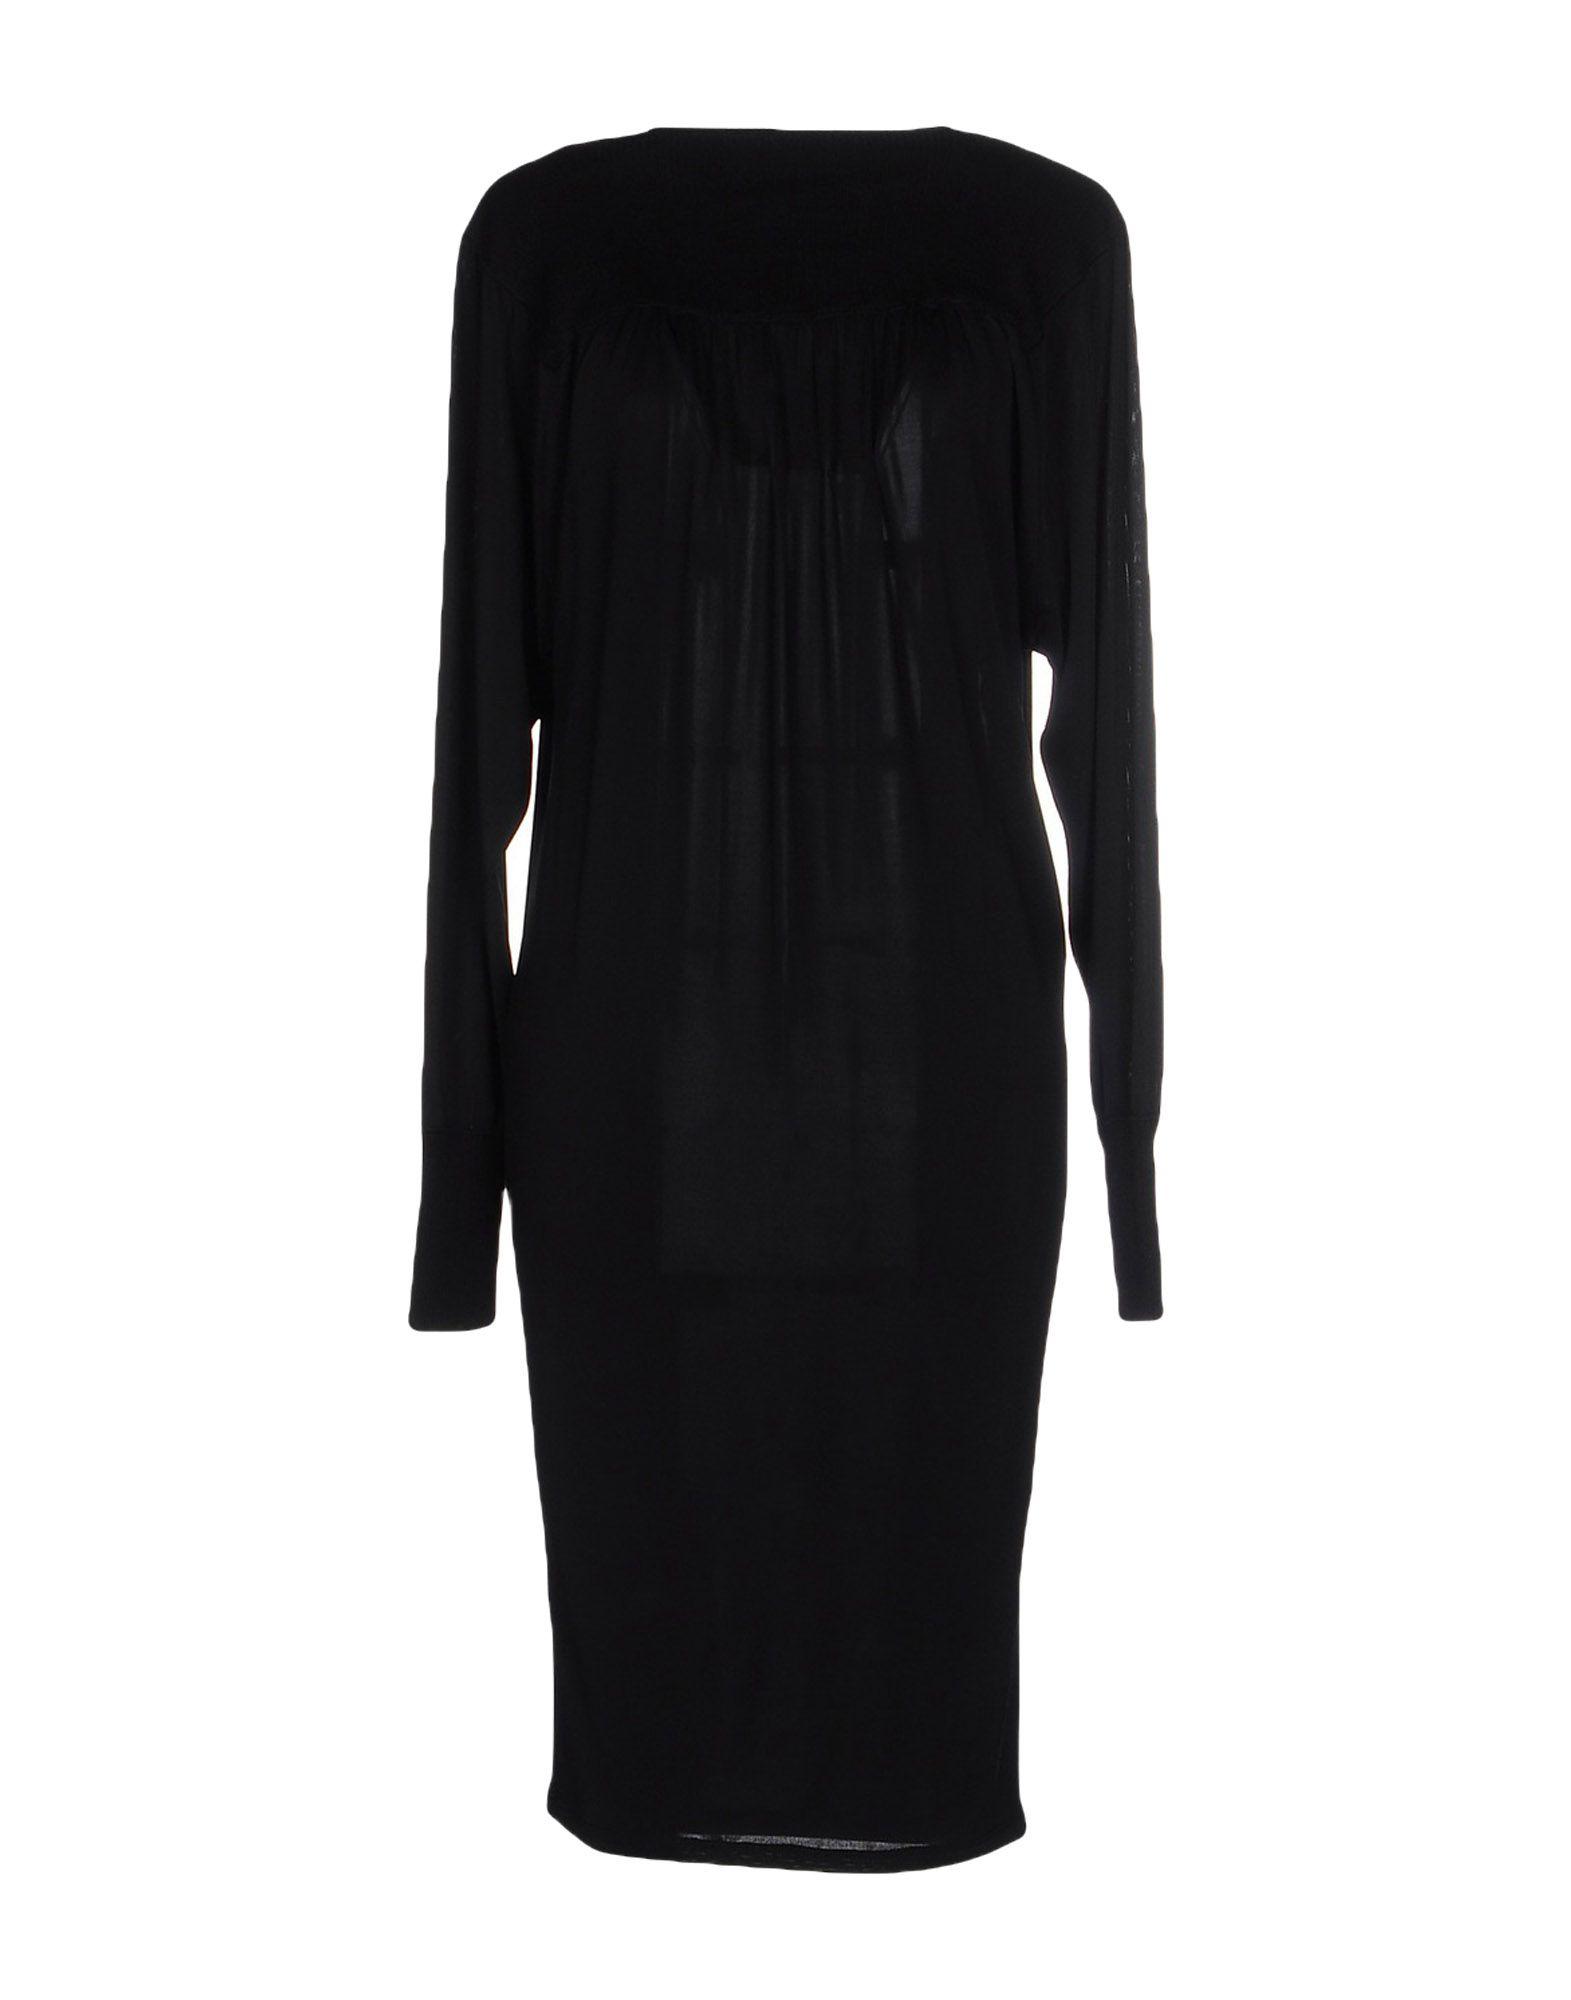 цена  JEAN PAUL GAULTIER SOLEIL Короткое платье  онлайн в 2017 году